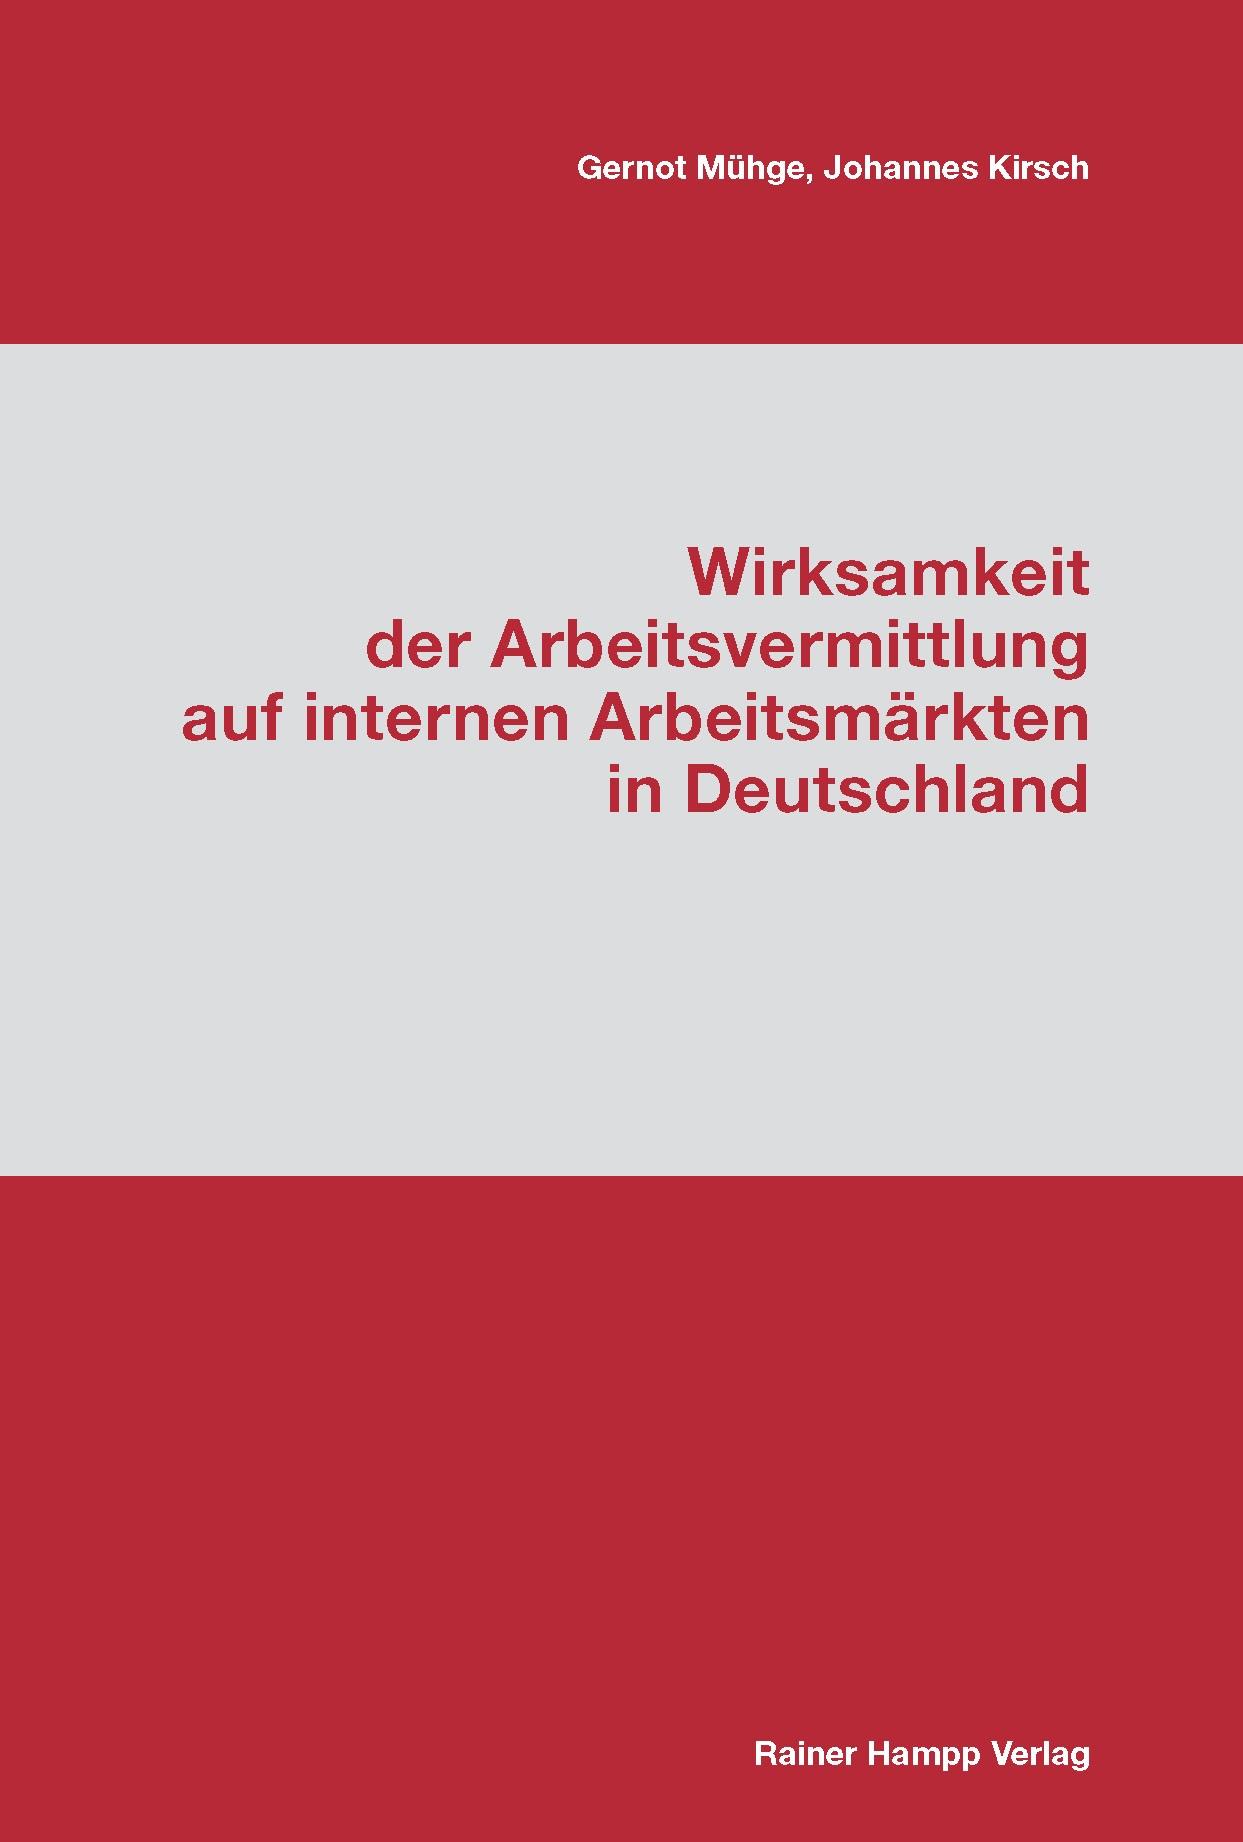 Wirksamkeit der Arbeitsvermittlung auf internen Arbeitsmärkten in Deutschland | Mühge / Kirsch | 1. Auflage 2012, 2012 | Buch (Cover)